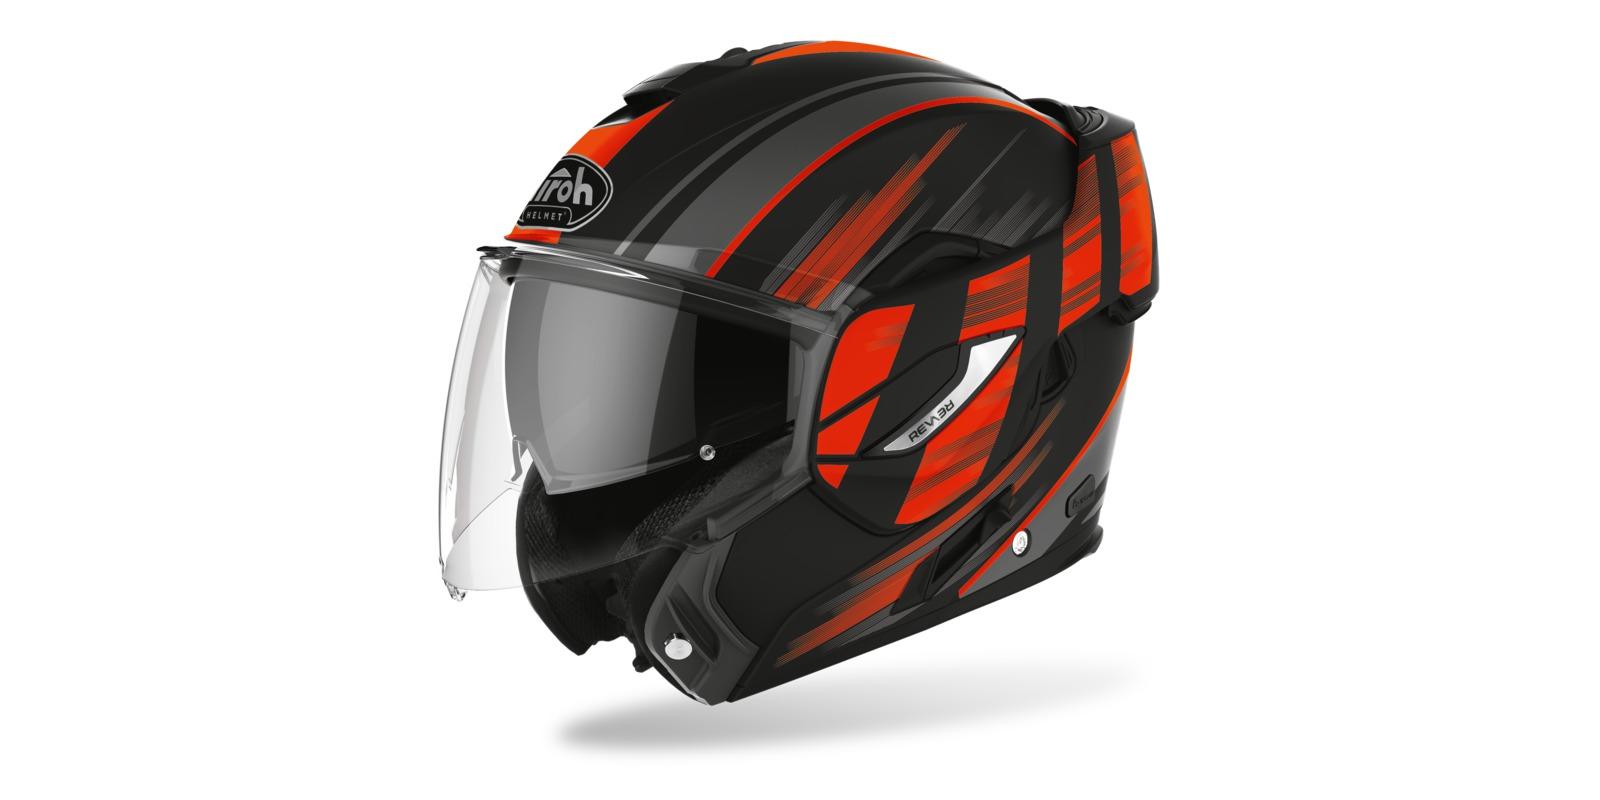 přilba REV19 IKON, AIROH (černá/oranžová matná)